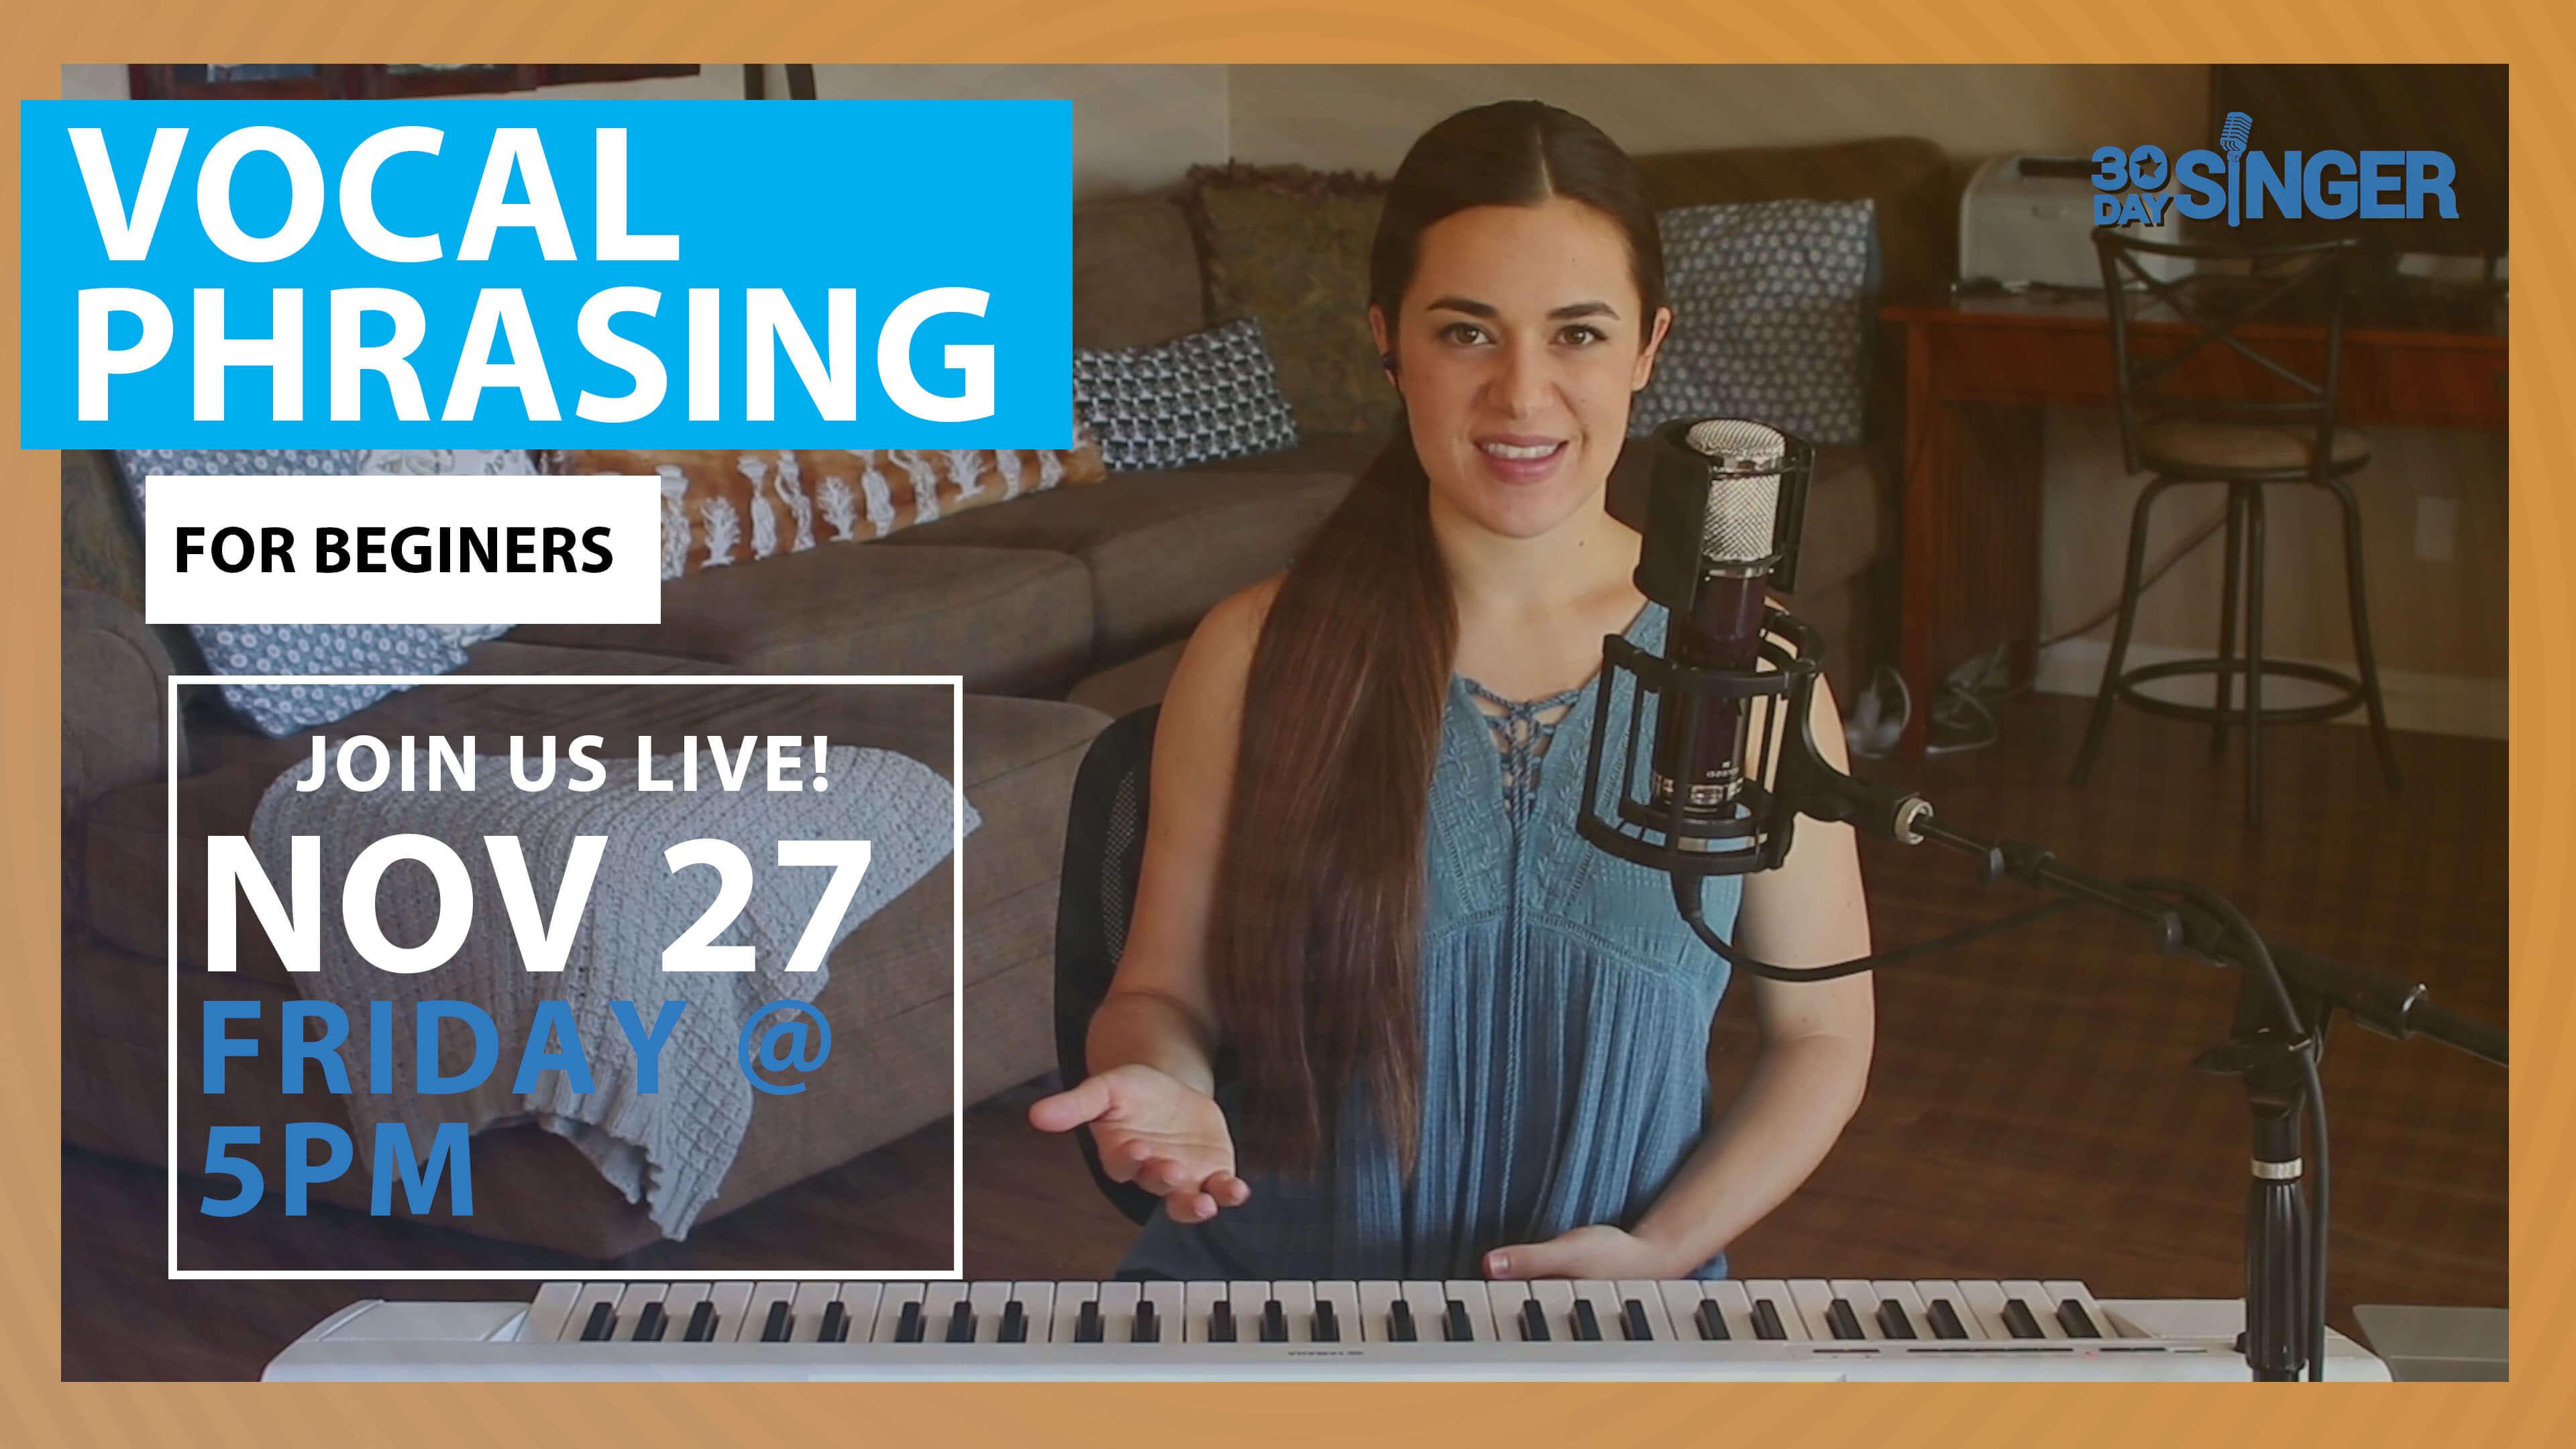 Vocal Phrasing for Beginners